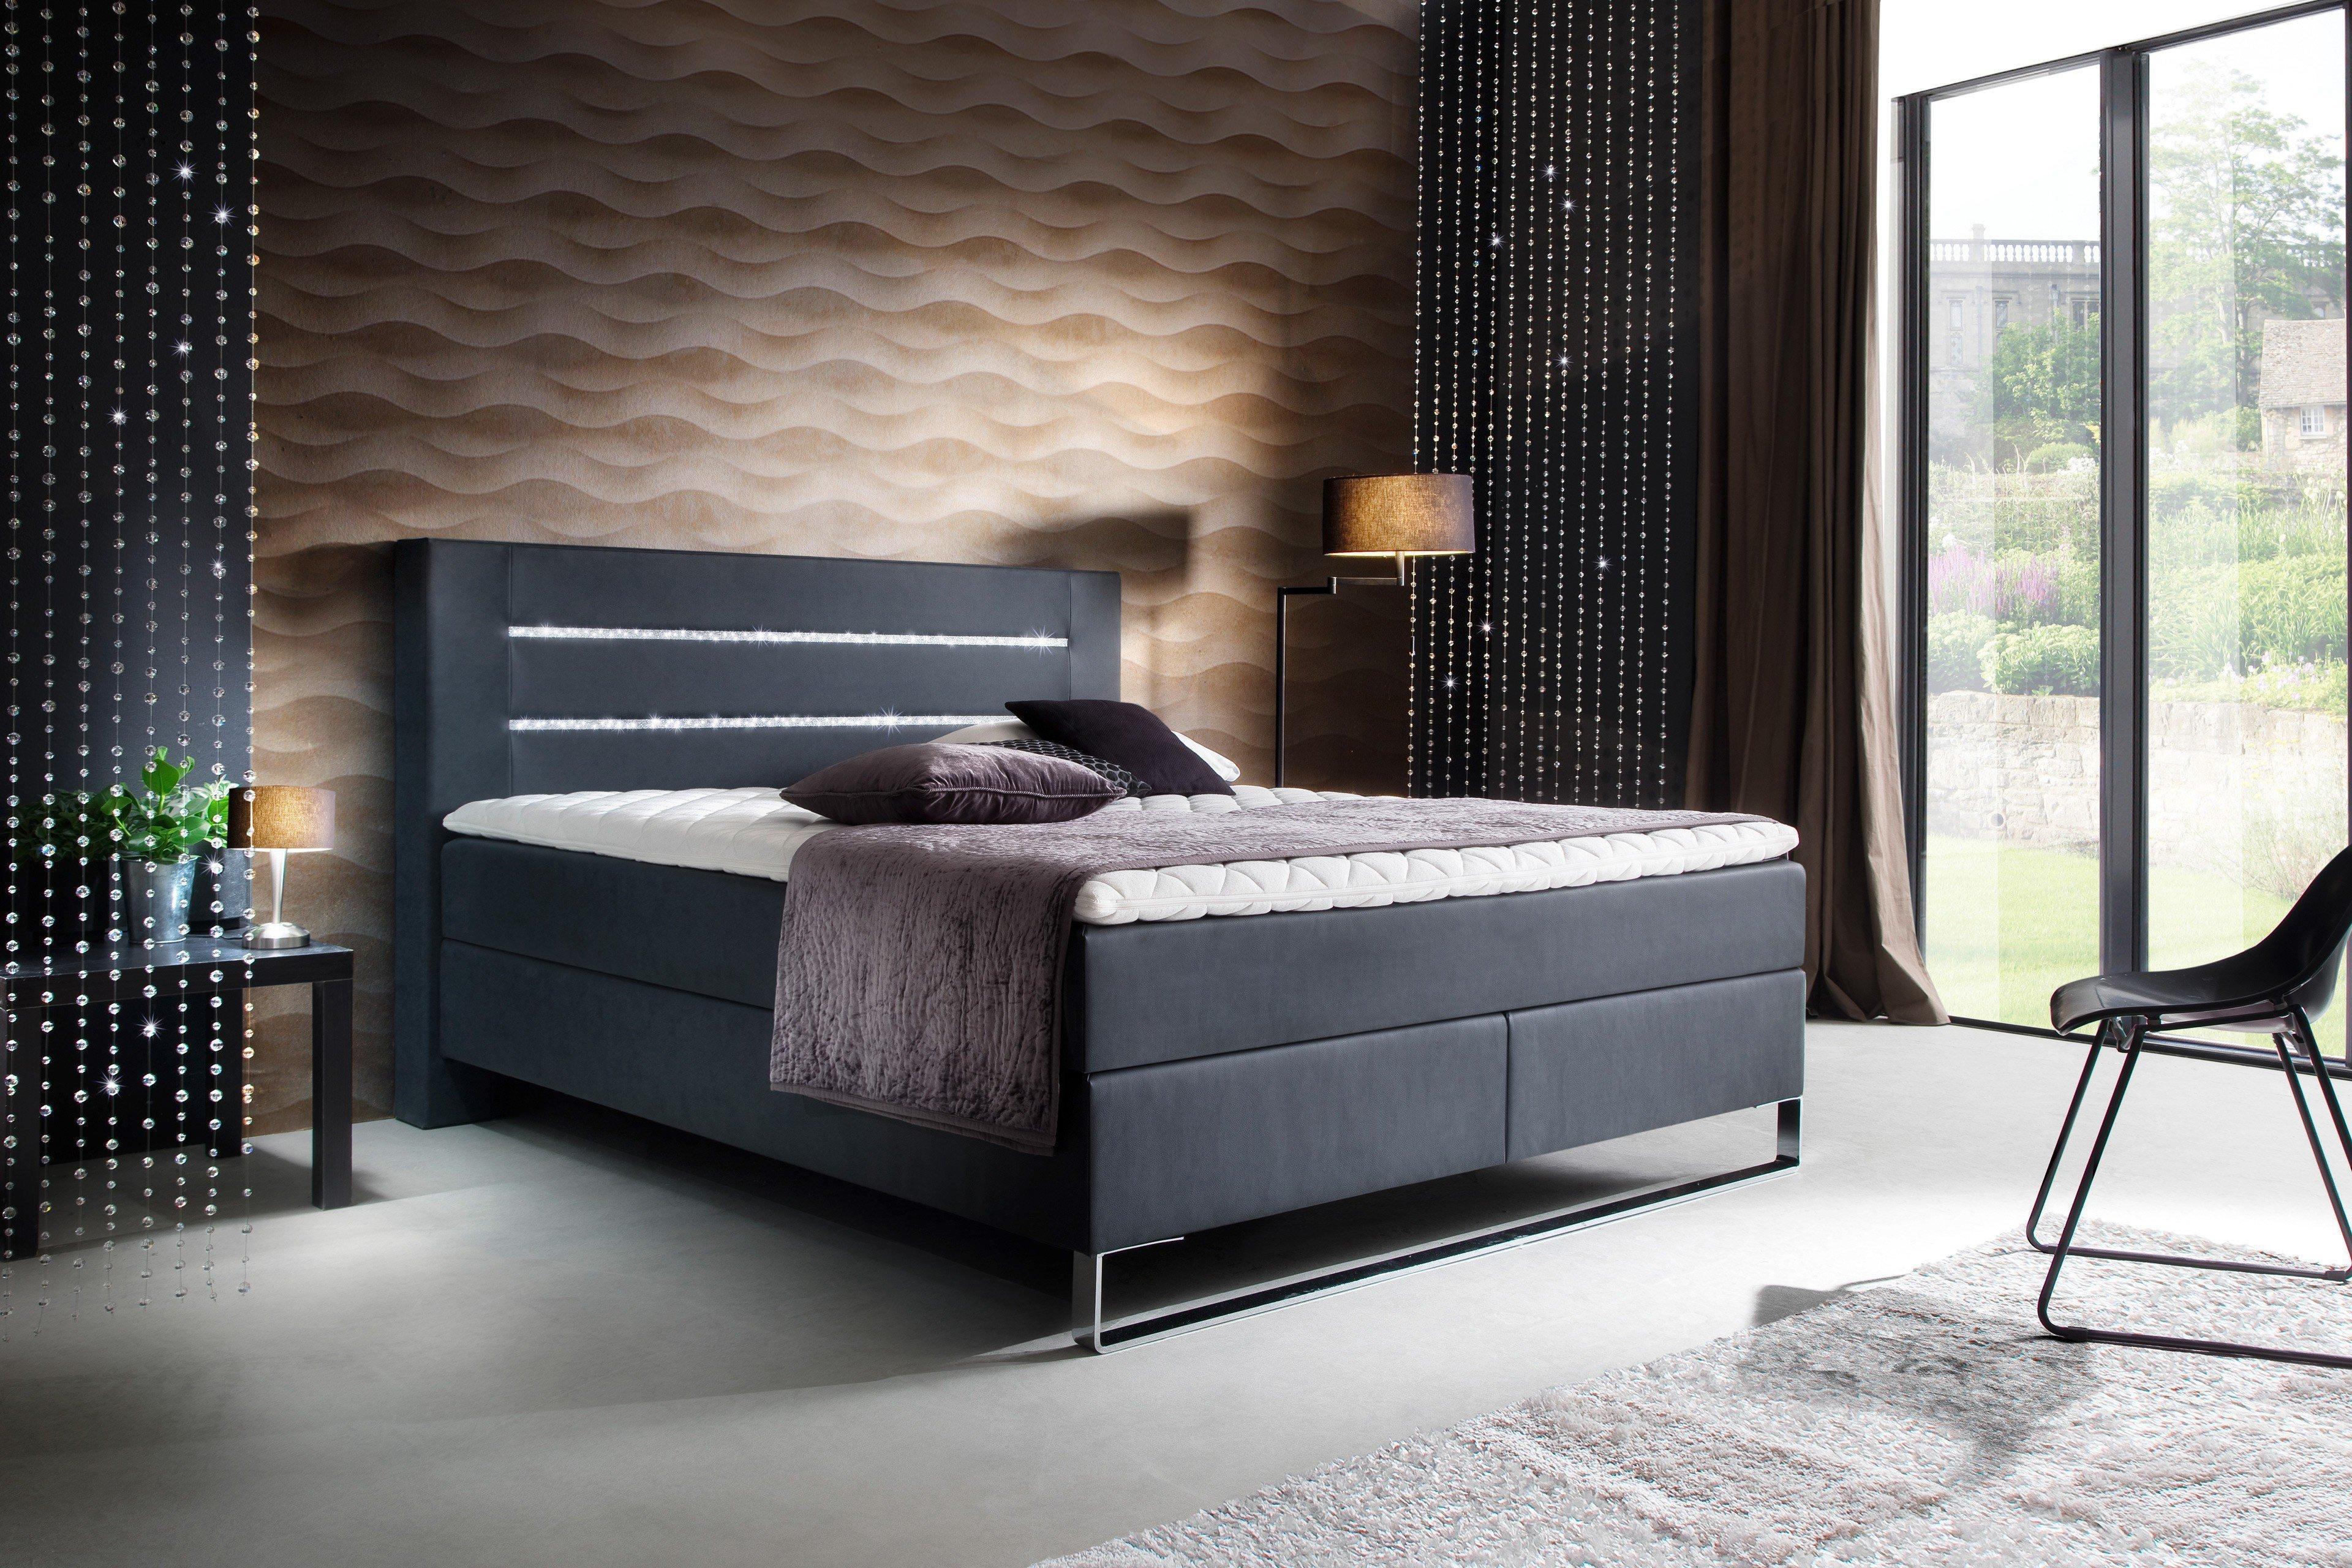 meise boxspringbett planeta in anthrazit mit swarovski kristall leisten m bel letz ihr. Black Bedroom Furniture Sets. Home Design Ideas